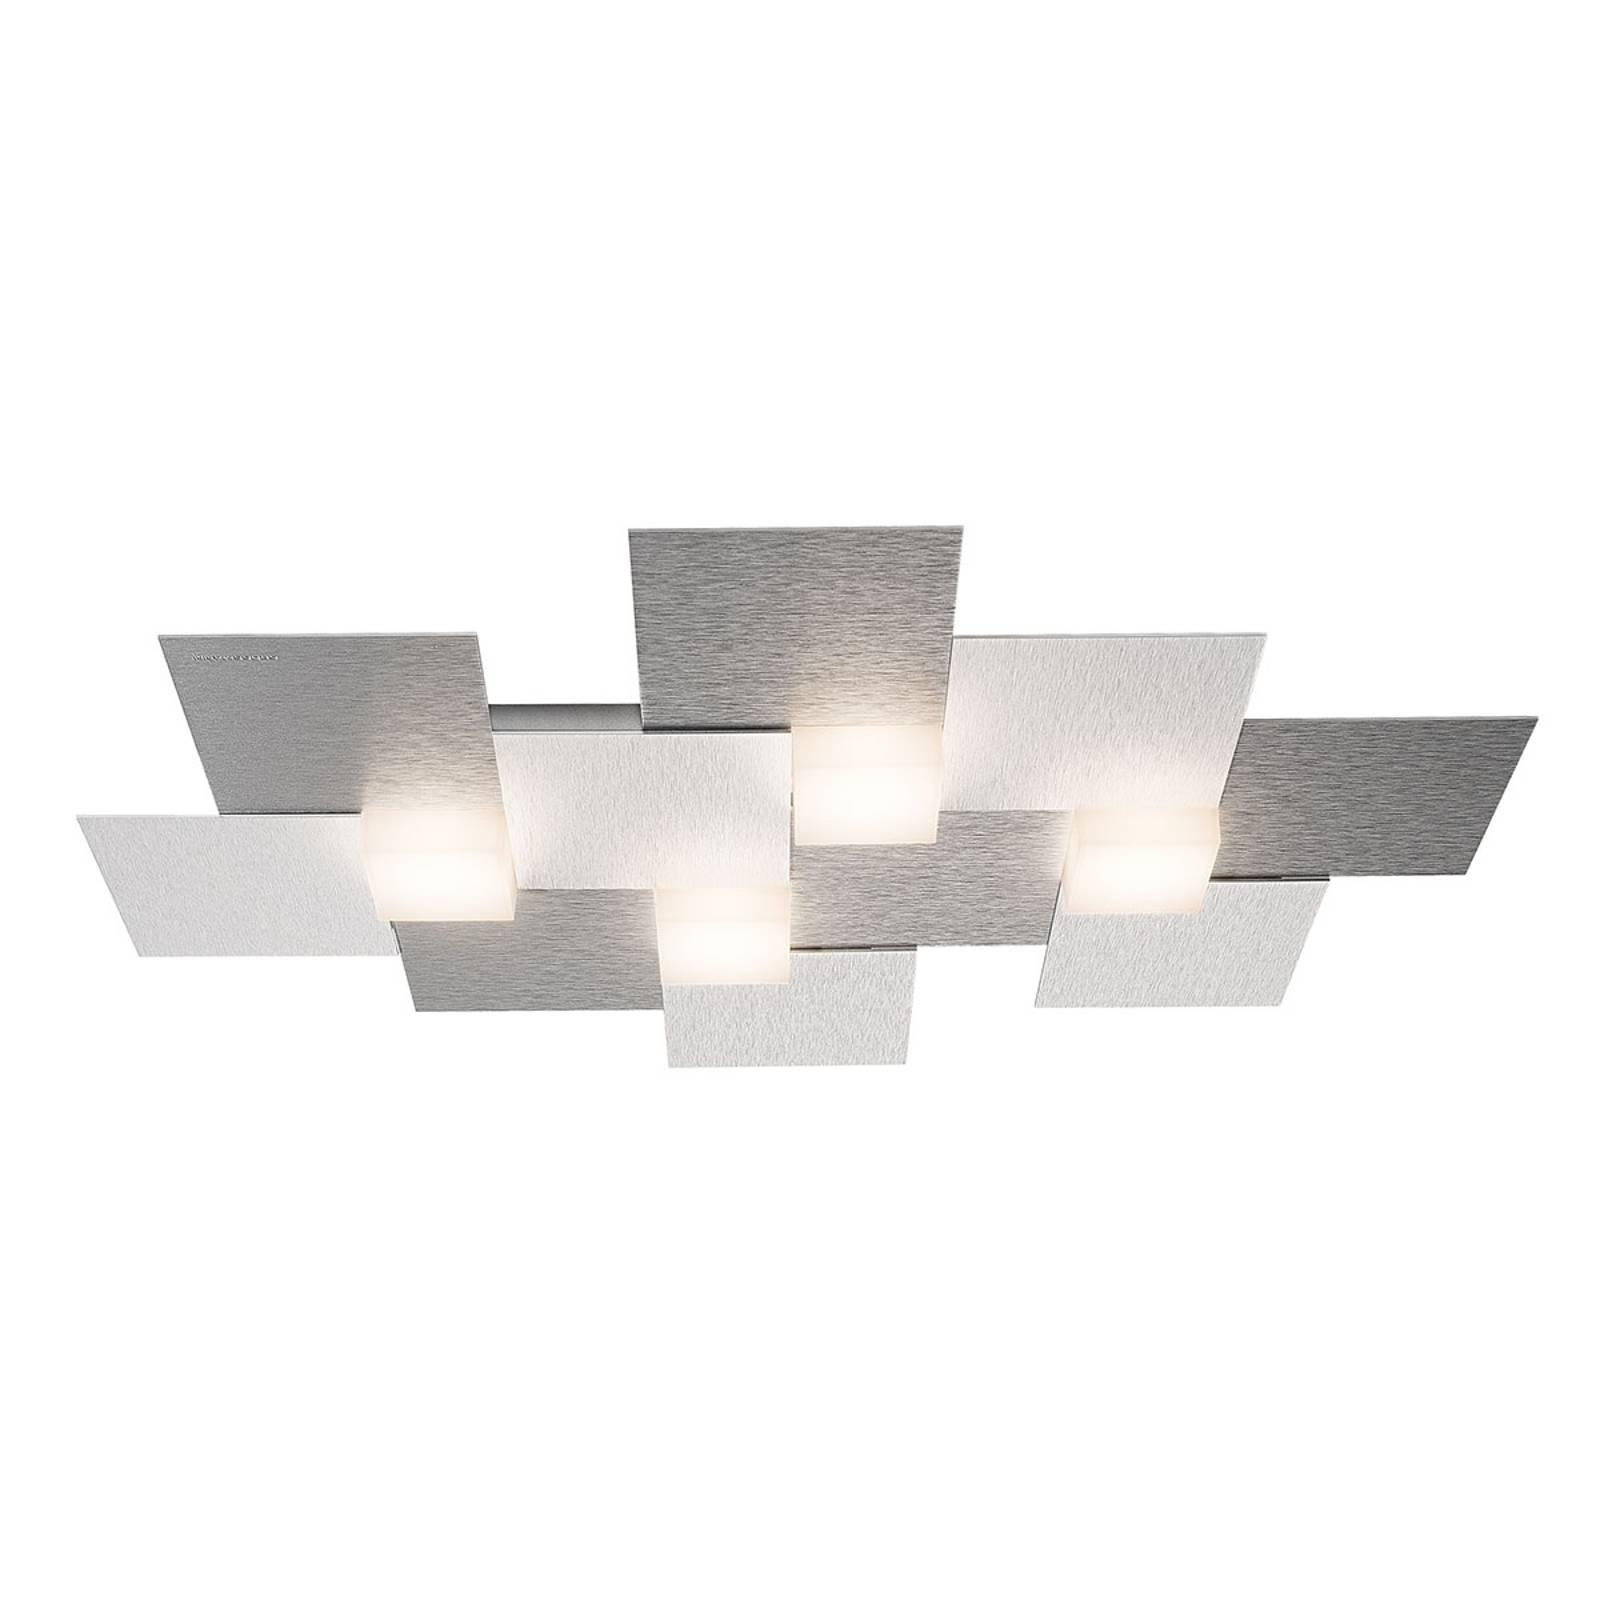 GROSSMANN Creo -kattovalaisin 4-lamp. 55x38,5, alu